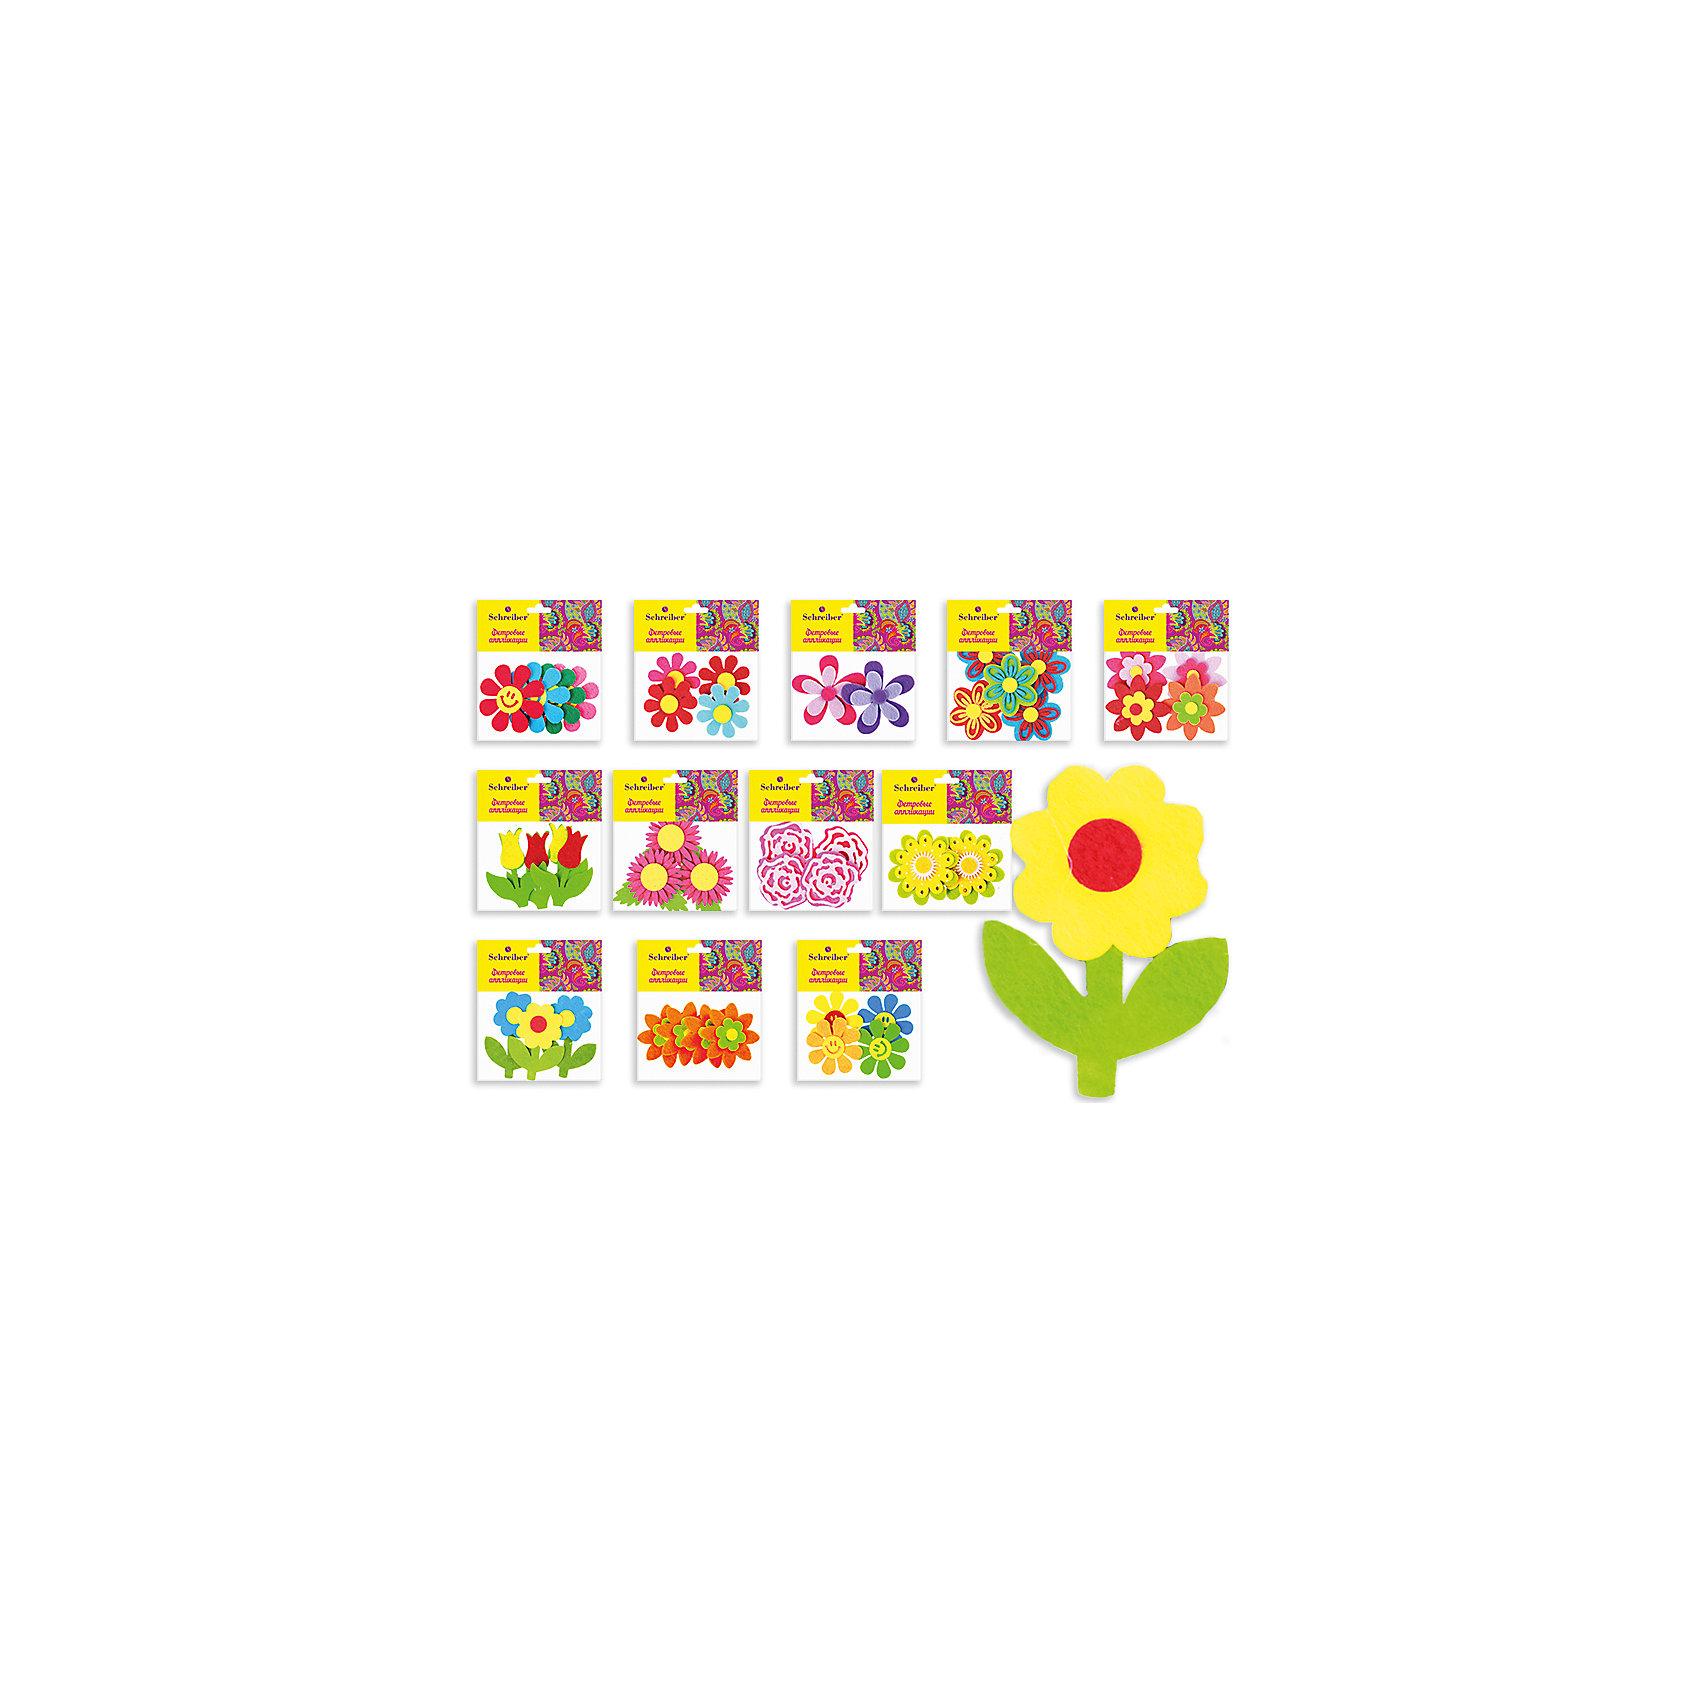 Фетровые аппликации Цветы 12*10 см (12 дизайнов в ассортименте)Фетровые аппликации Цветы 12*10 см (12 дизайнов в ассортименте) от известного торгового бренда канцелярских товаров и товаров для творчества TUKZAR. Набор включает в себя разноцветные заготовки животных, растений и других предметов для занятий аппликацией с детьми дошкольного и младшего школьного возраста. Комплектация позволяет создавать сюжетные картинки. Кроме того, данные заготовки можно использовать в качестве меток для детской одежды.<br>Фетровые аппликации Цветы 12*10 см (12 дизайнов в ассортименте) способствуют развитию у ребенка внимания, усидчивости, воображения и фантазии.<br><br>Дополнительная информация:<br><br>- Предназначение: для аппликаций<br>- Материал: фетр<br>- Комплектация: 12 дизайнов (цветочки)<br>- Размеры упаковки (Д*В): 10*12 см<br>- Упаковка: полиэтилен<br><br>Подробнее:<br><br>• Для детей в возрасте: от 3 лет <br>• Страна производитель: Китай<br>• Торговый бренд: TUKZAR<br><br>Фетровые аппликации Цветы 12*10 см (12 дизайнов в ассортименте) можно купить в нашем интернет-магазине.<br><br>Ширина мм: 120<br>Глубина мм: 100<br>Высота мм: 10<br>Вес г: 50<br>Возраст от месяцев: 36<br>Возраст до месяцев: 72<br>Пол: Унисекс<br>Возраст: Детский<br>SKU: 5001410